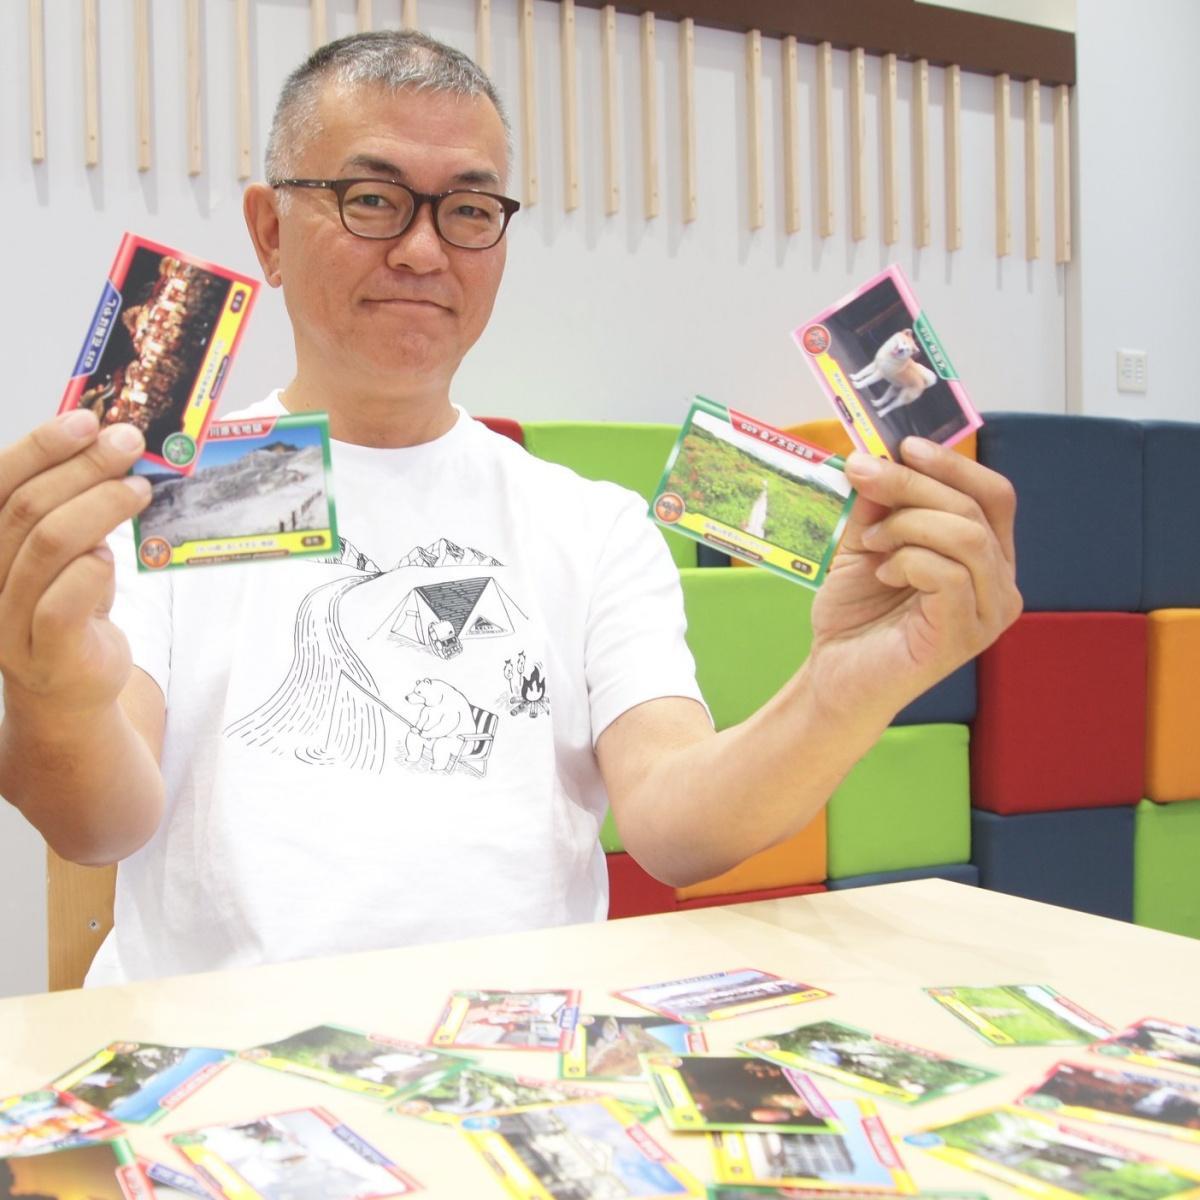 秋田県内の名所や風物を紹介するカード「AKITAあつめ」を考案した今野仁さん